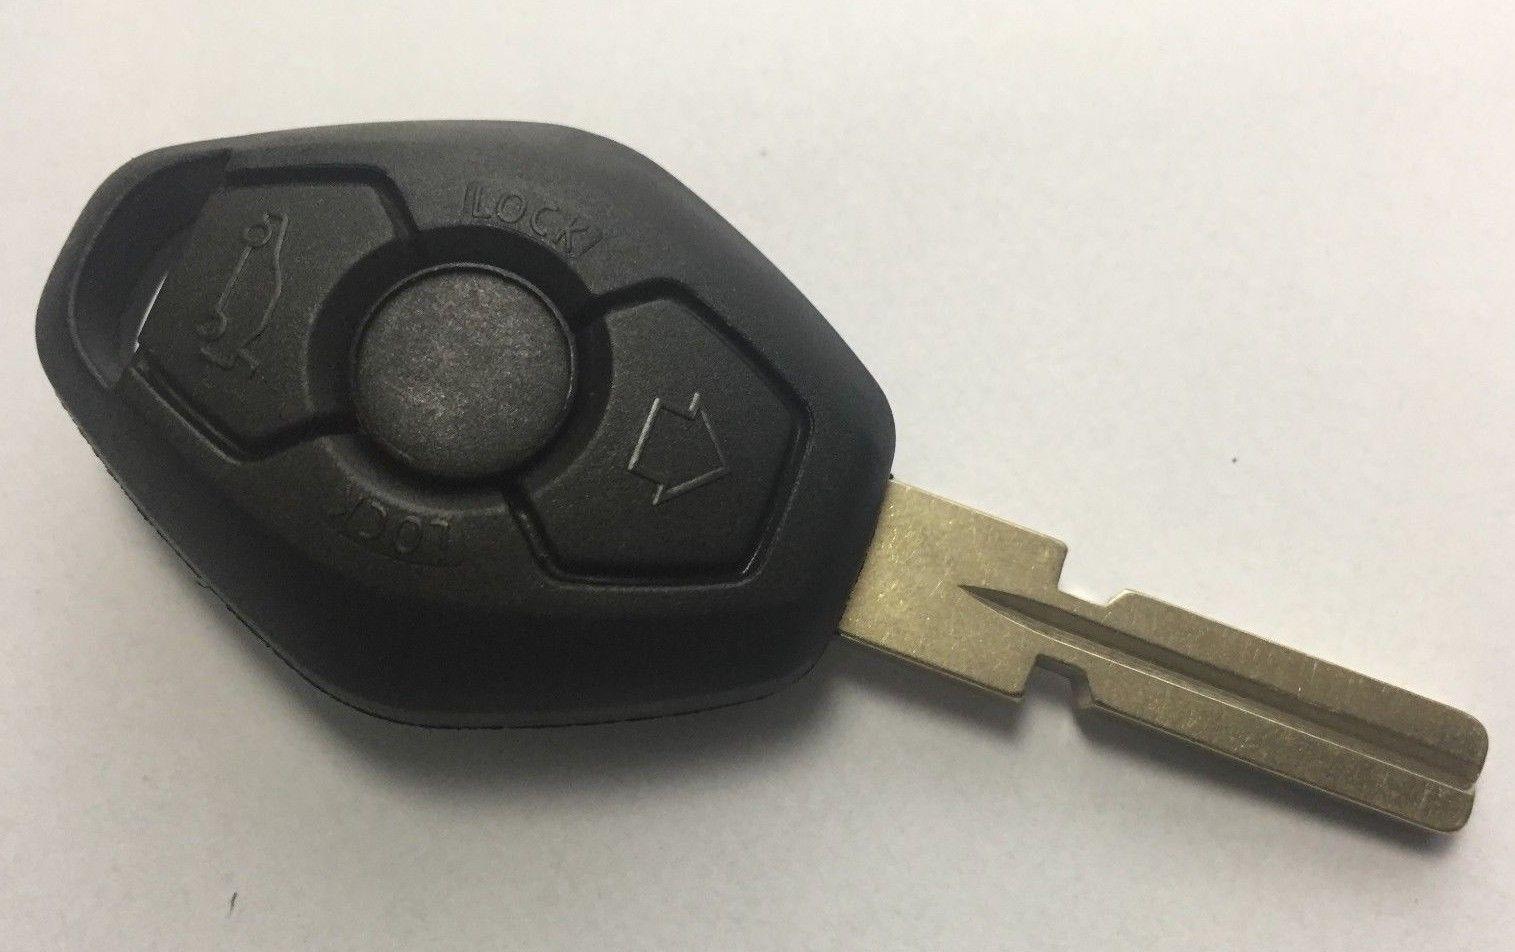 For BMW 3 5 7 X3 X5 Z4 E38 E39 E46 3 button remote key fob shell & blade HU58